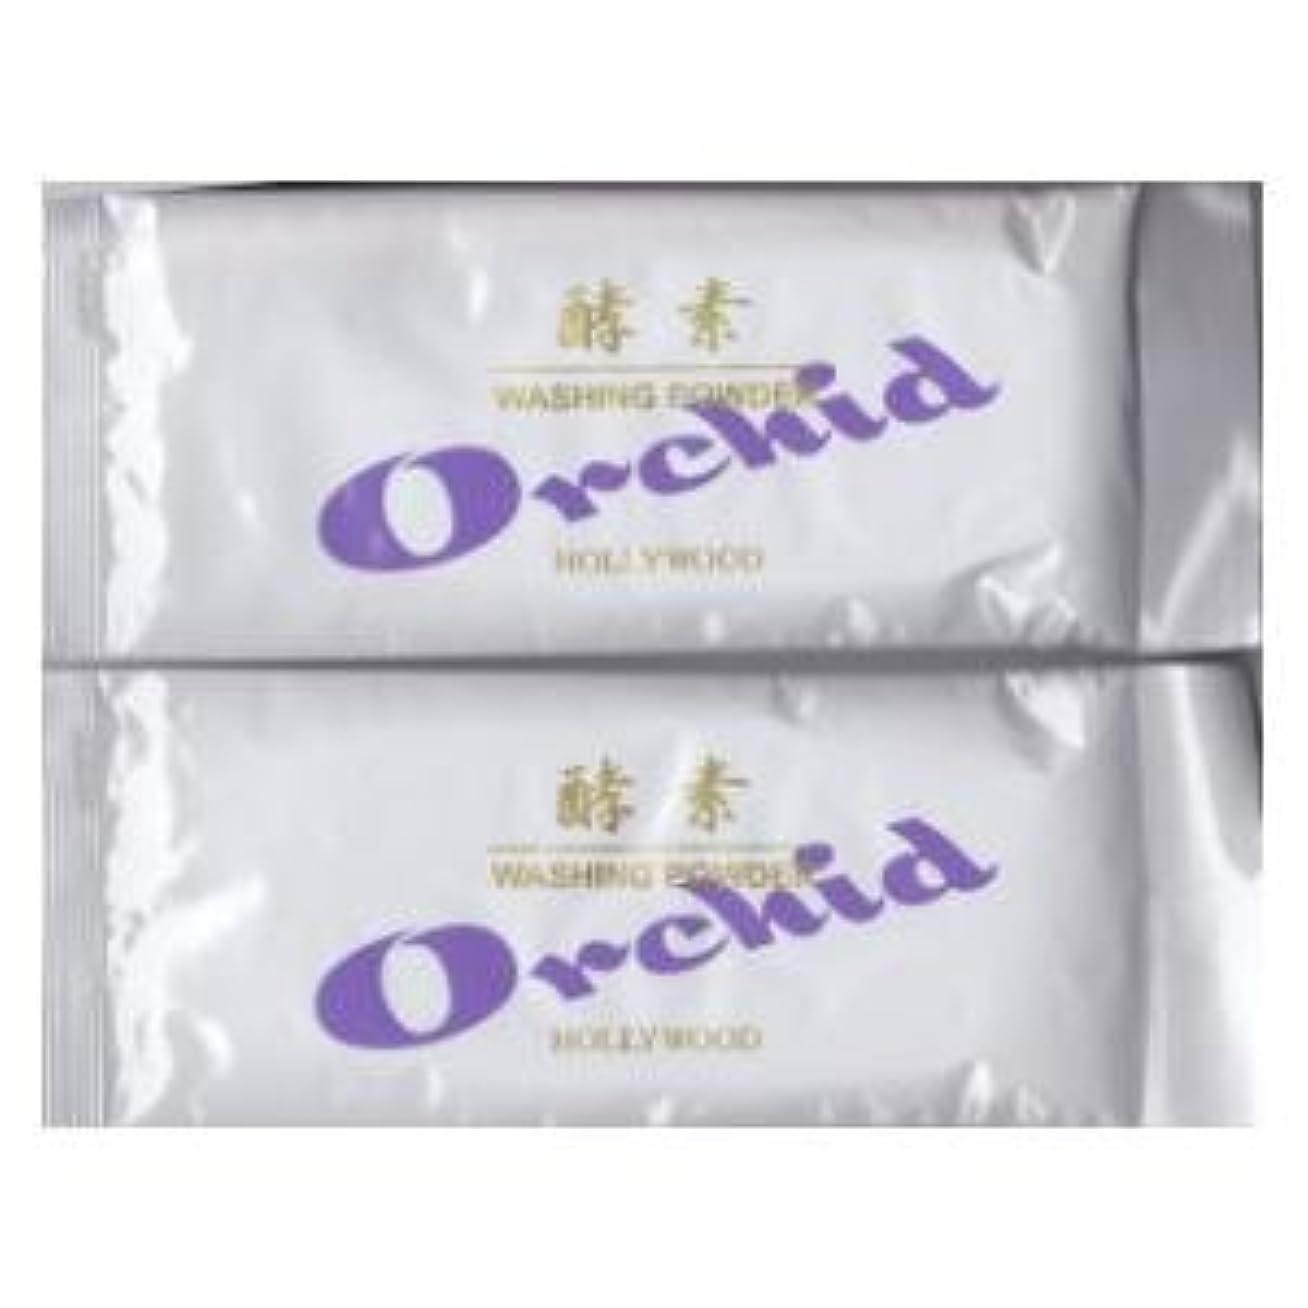 アグネスグレイバッチ耐えるハリウッド化粧品 オーキッド 洗顔パウダー 詰替え用 26g×2袋